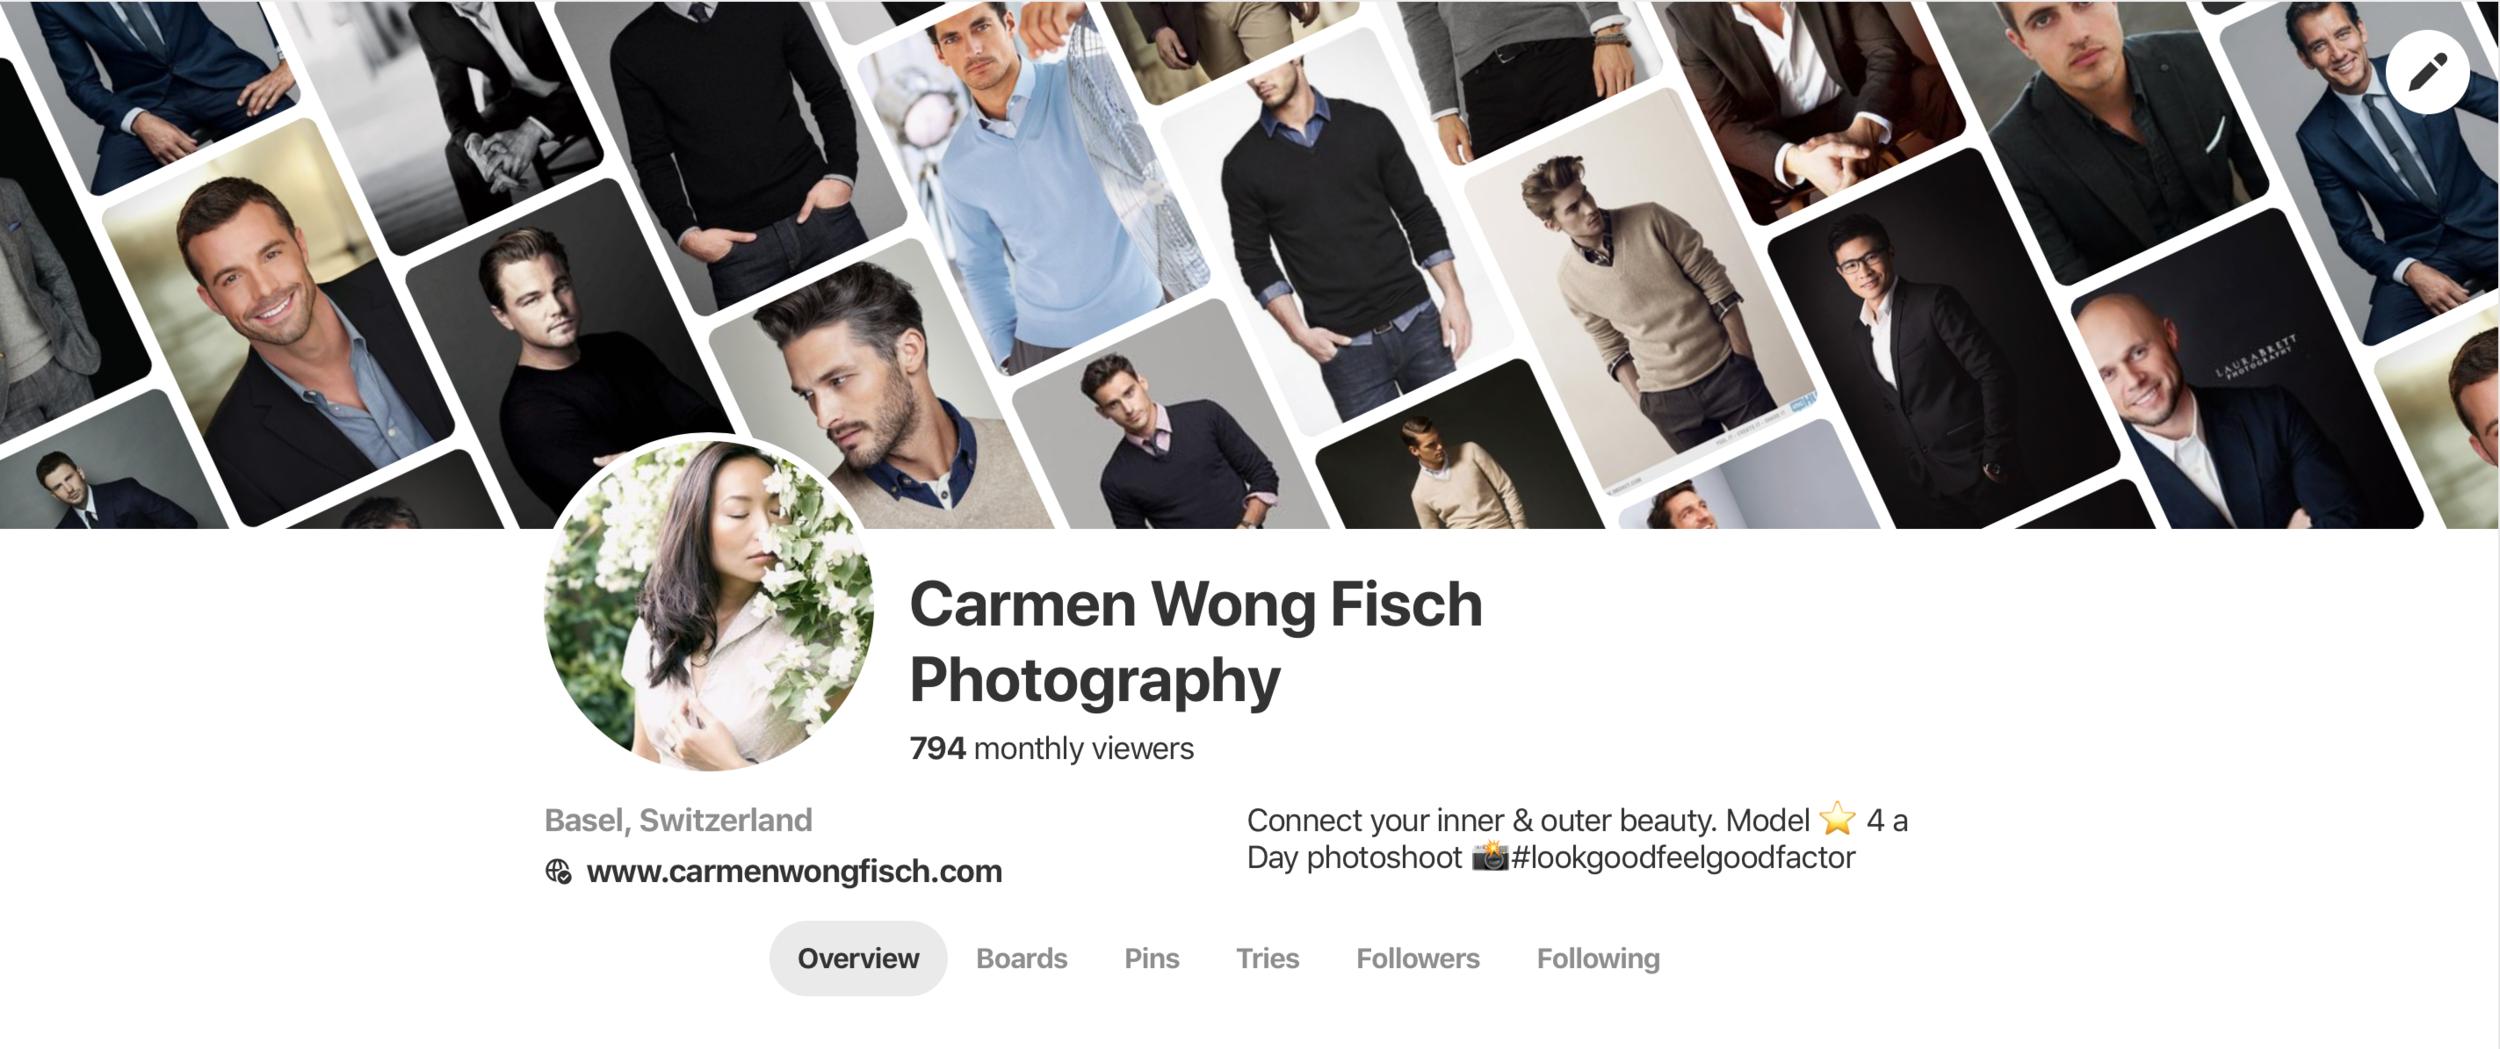 Carmen Wong Fisch Pinterest